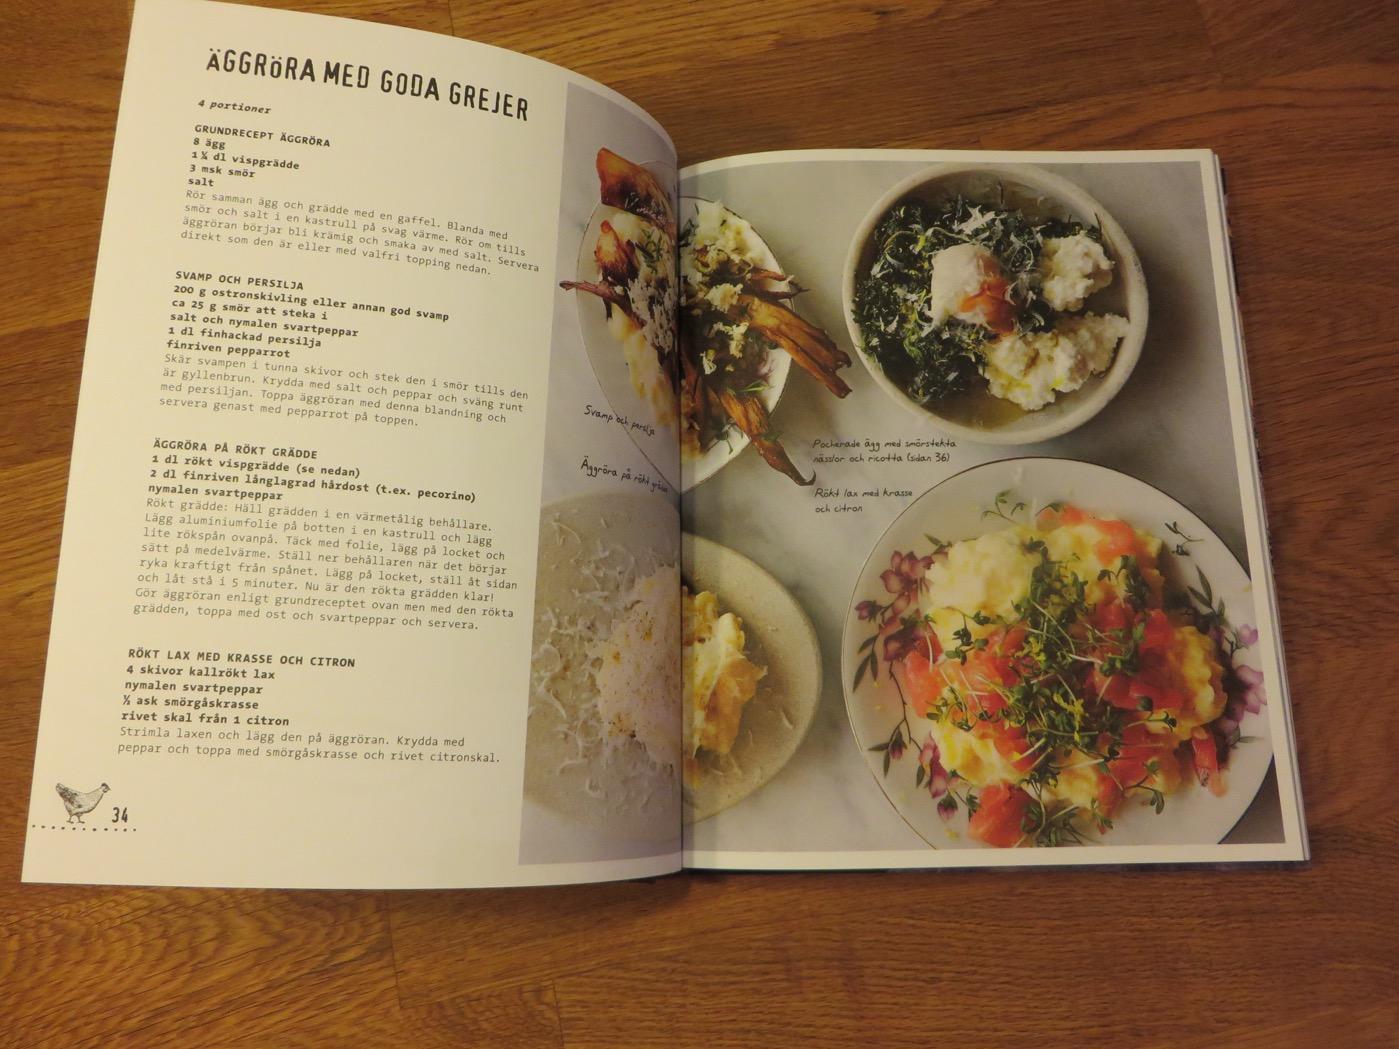 Recept utifrån hönshuset